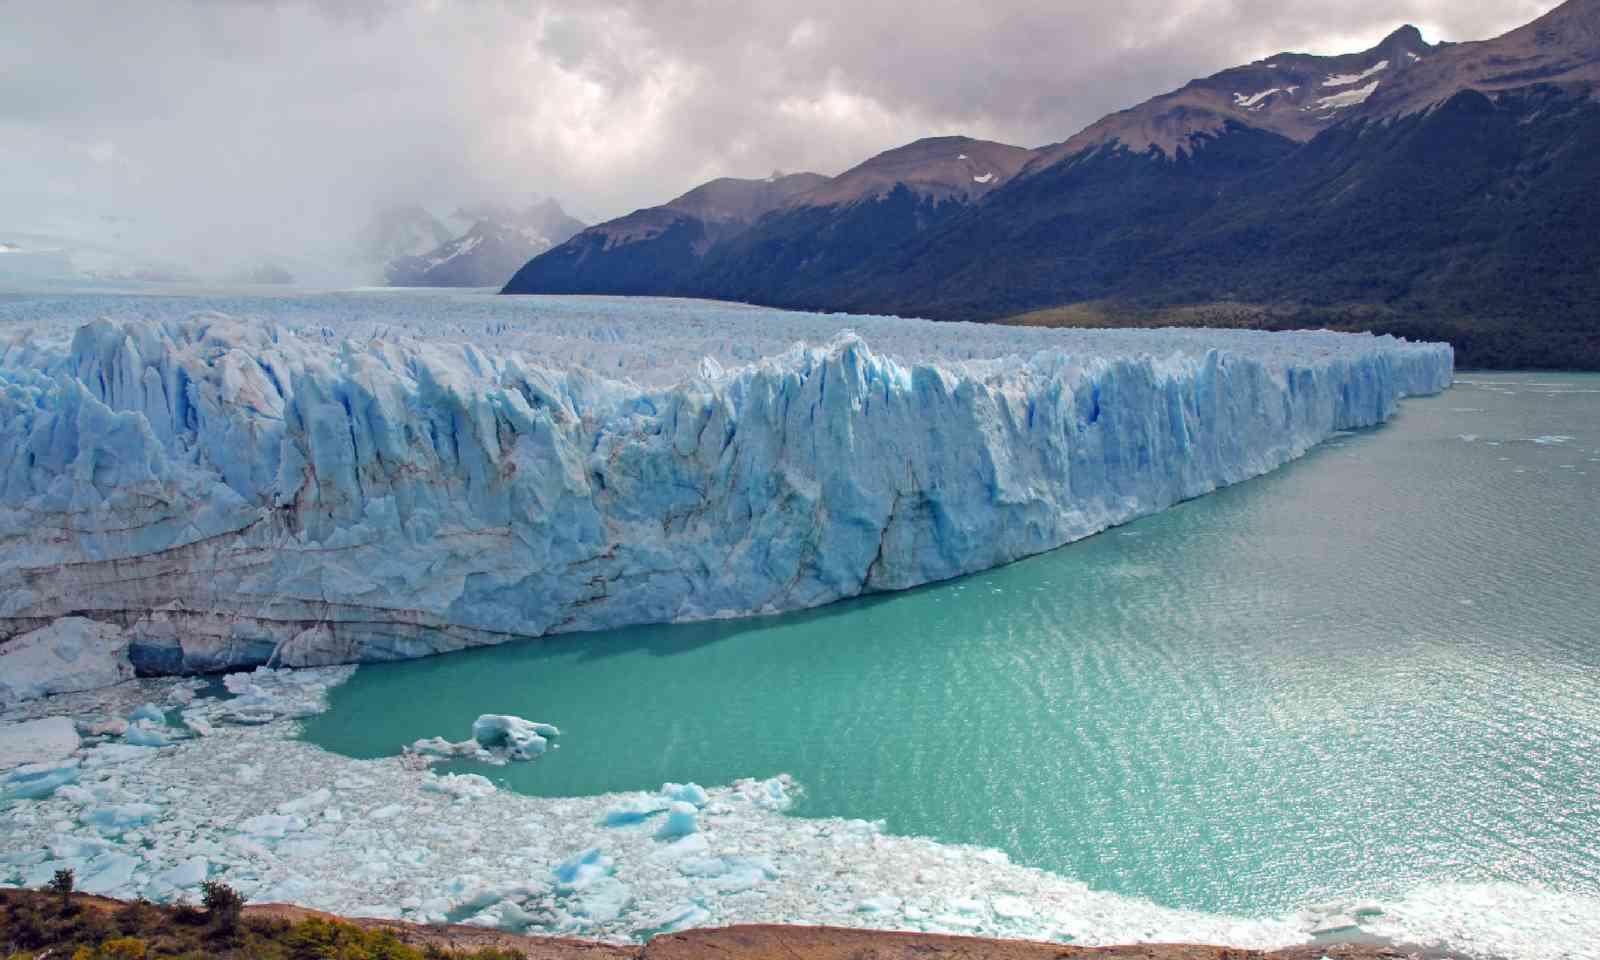 Perito Moreno Glacier, Patagonia (Shutterstock)